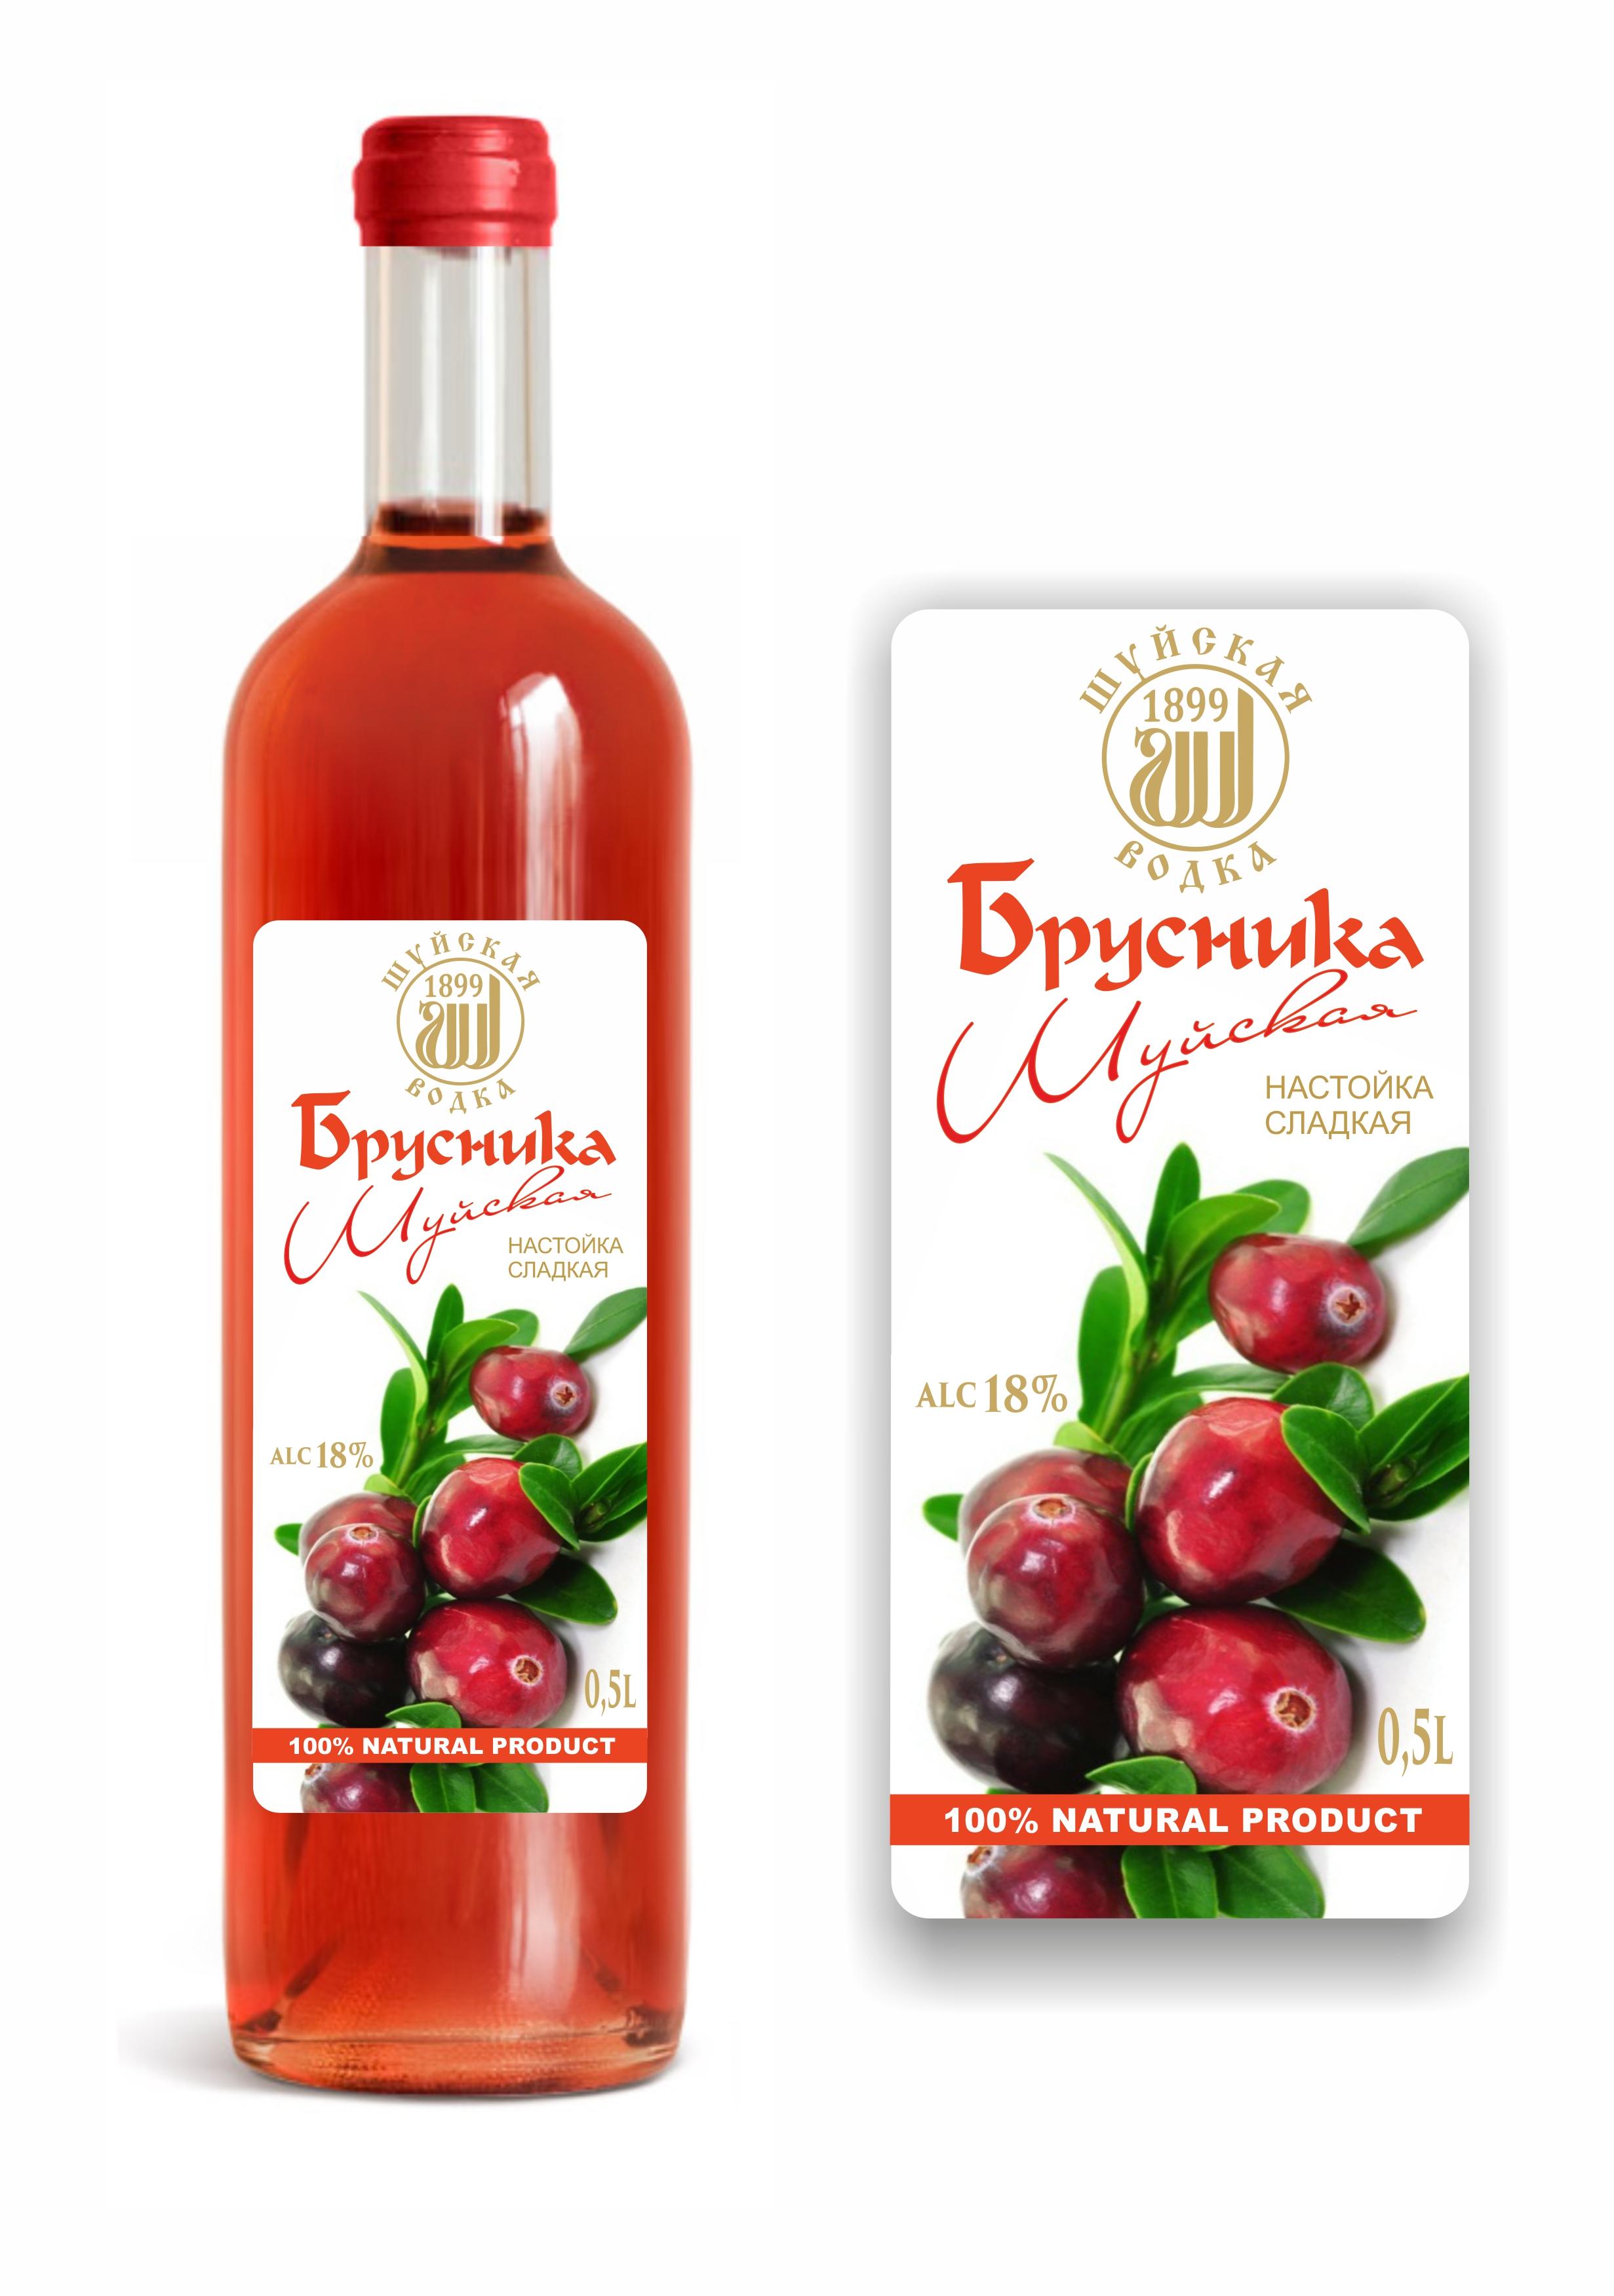 Дизайн этикетки алкогольного продукта (сладкая настойка) фото f_8585f86e4ca87851.jpg